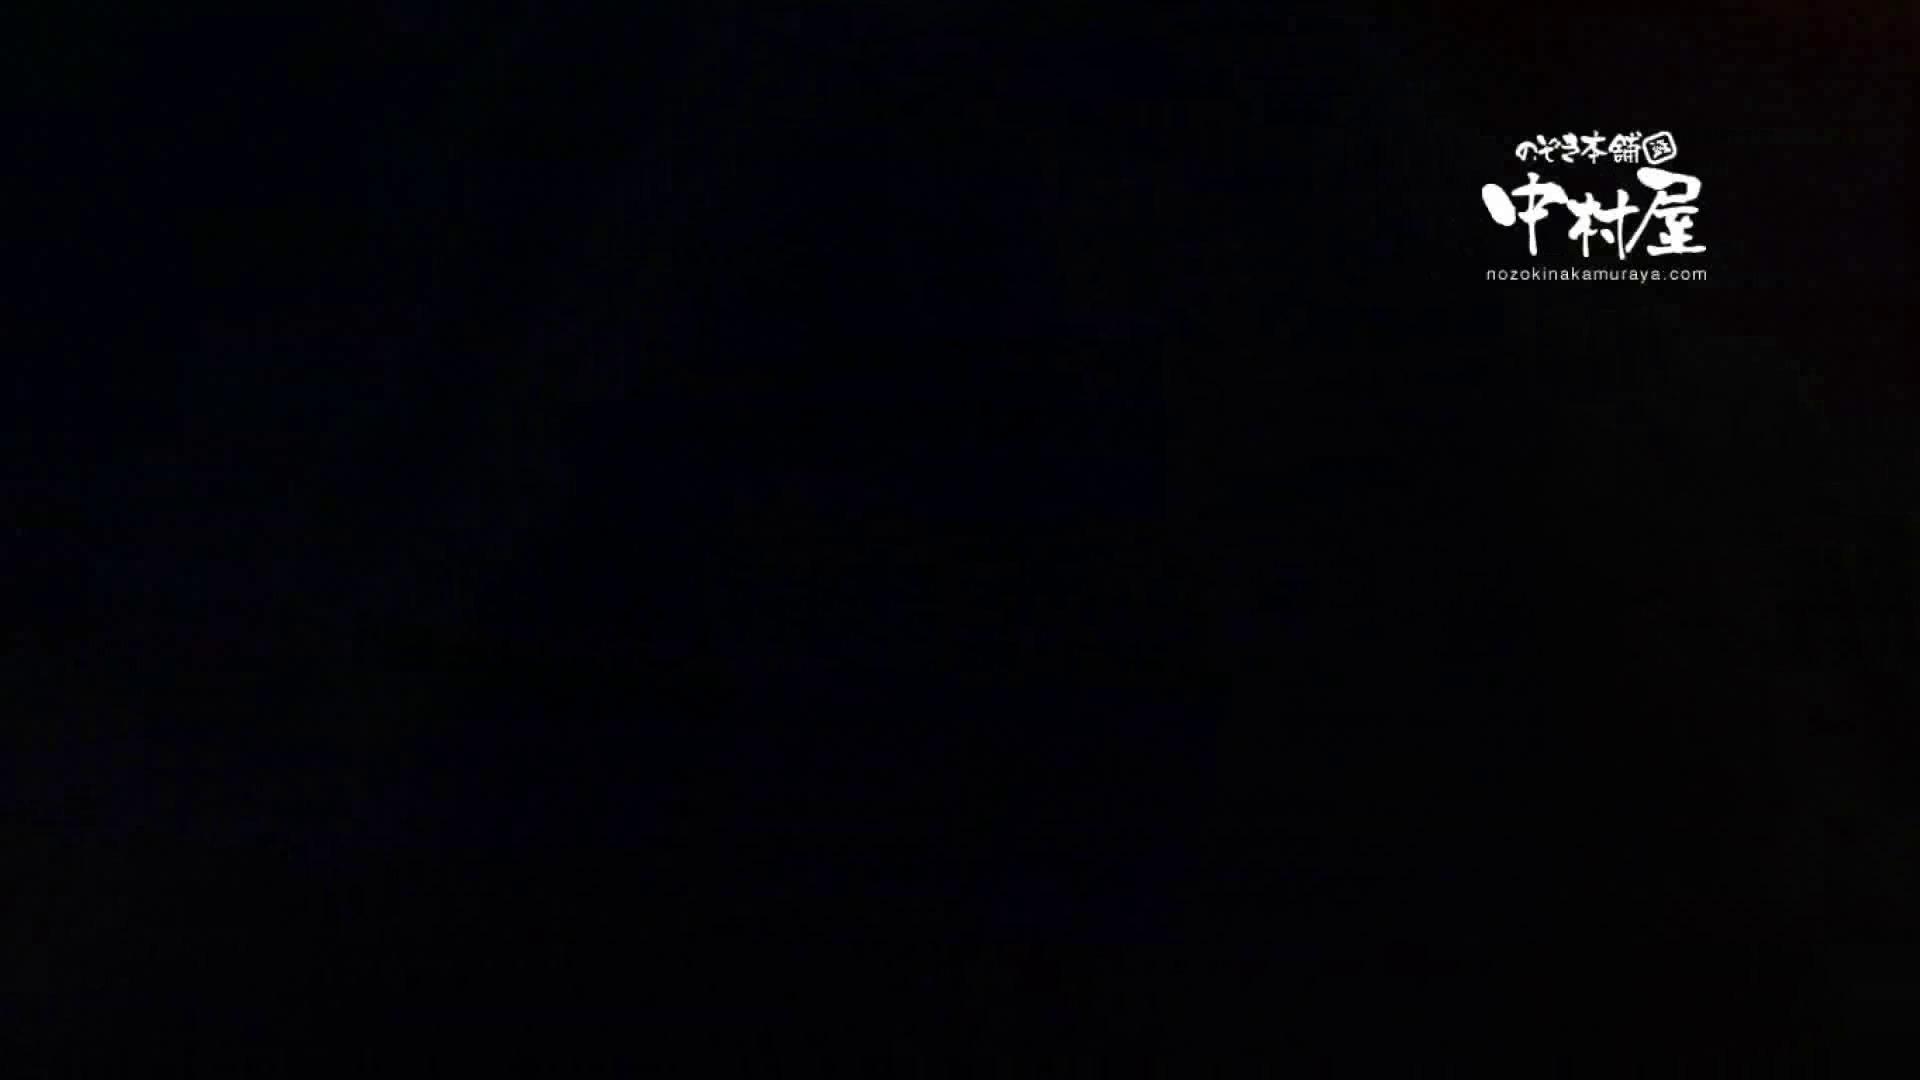 鬼畜 vol.09 無慈悲!中出し爆乳! 前編 爆乳 | 中出し  91連発 89